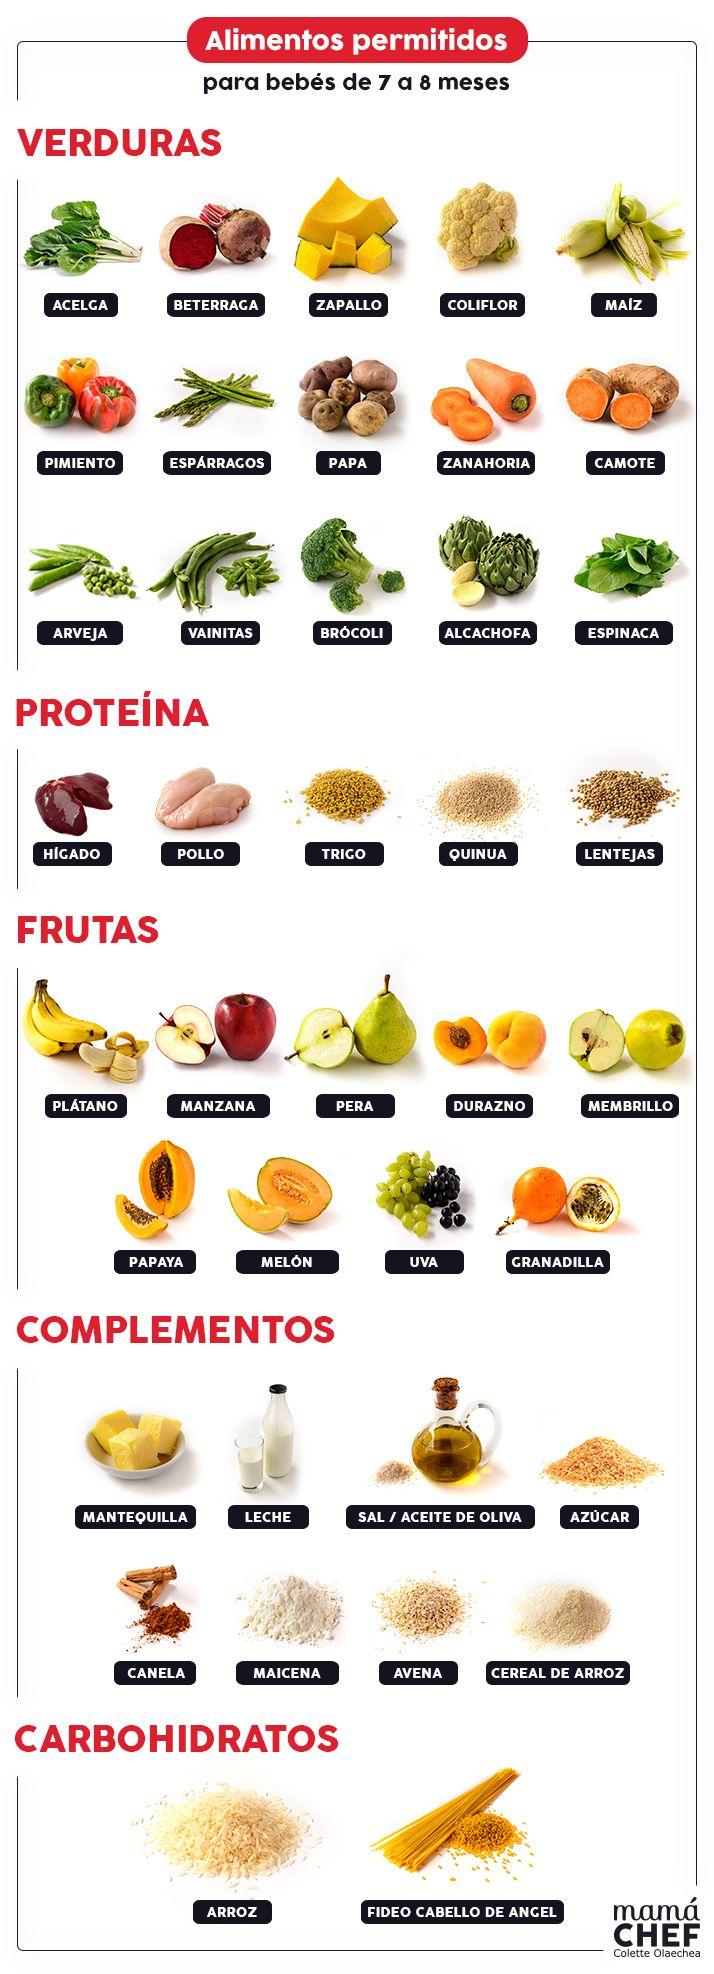 Alimentos permitidos para bebés de 7 a 8 meses según la separata de la Pediatra.